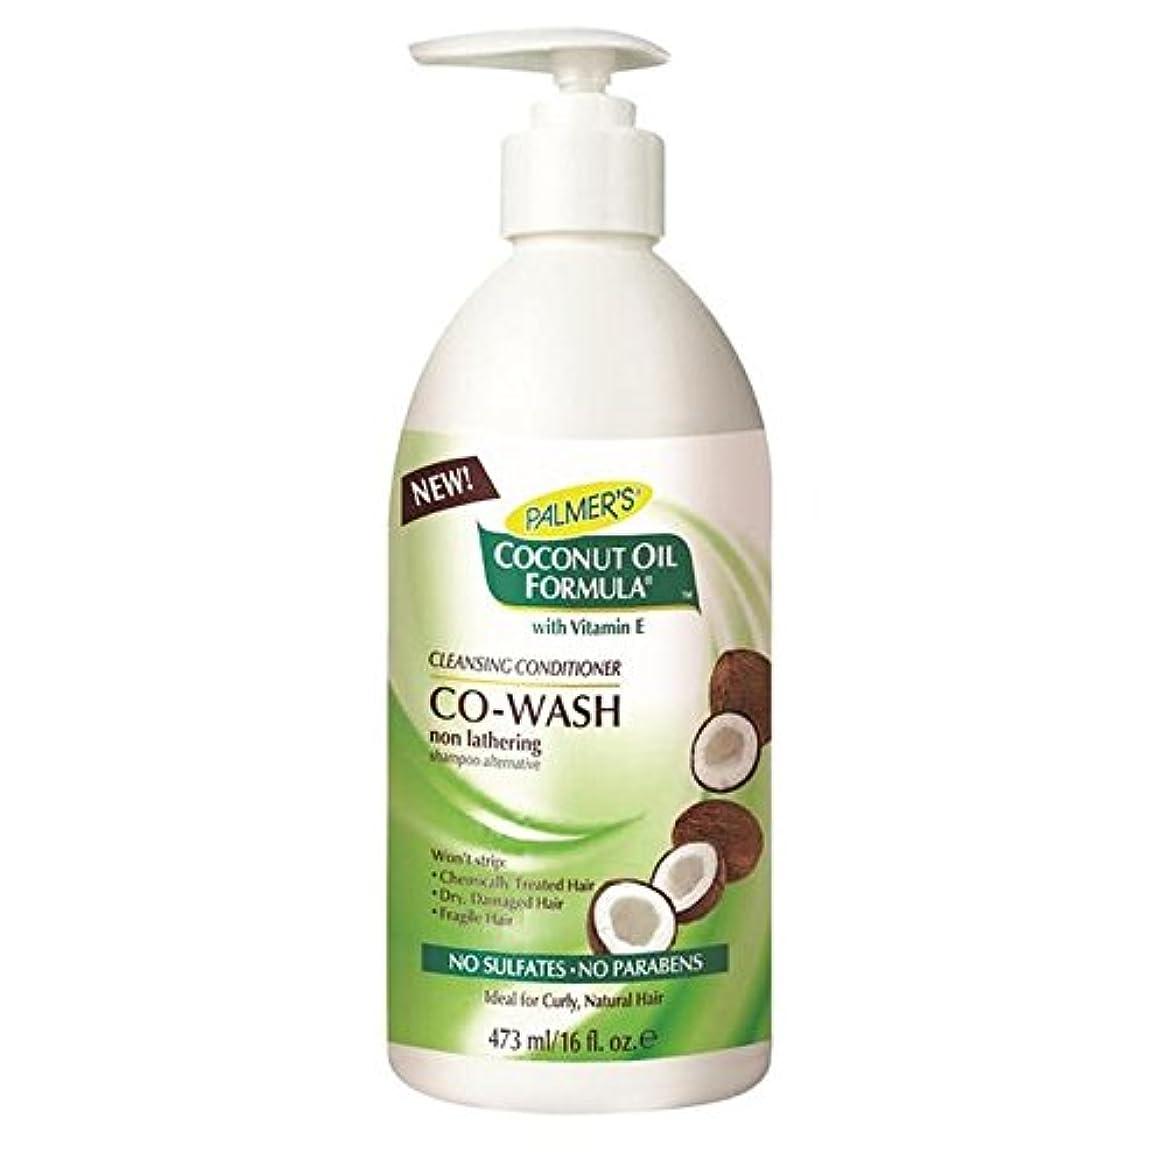 合計抑制する田舎Palmer's Coconut Formula Co-Wash Cleansing Conditioner, Shampoo Alternative 473ml - パーマーのココナッツ式コウォッシュクレンジングコンディショナー...